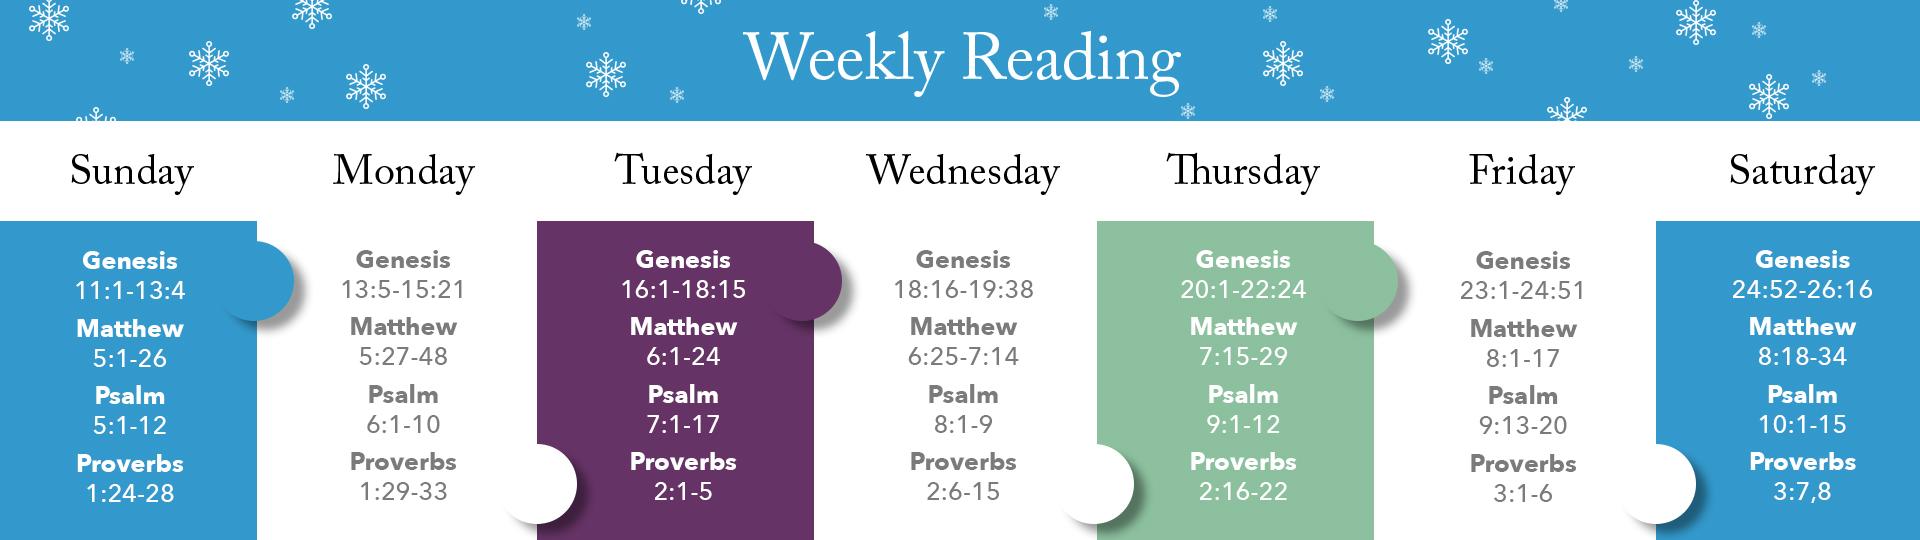 Weekly-Reading-Winter-Look-0105